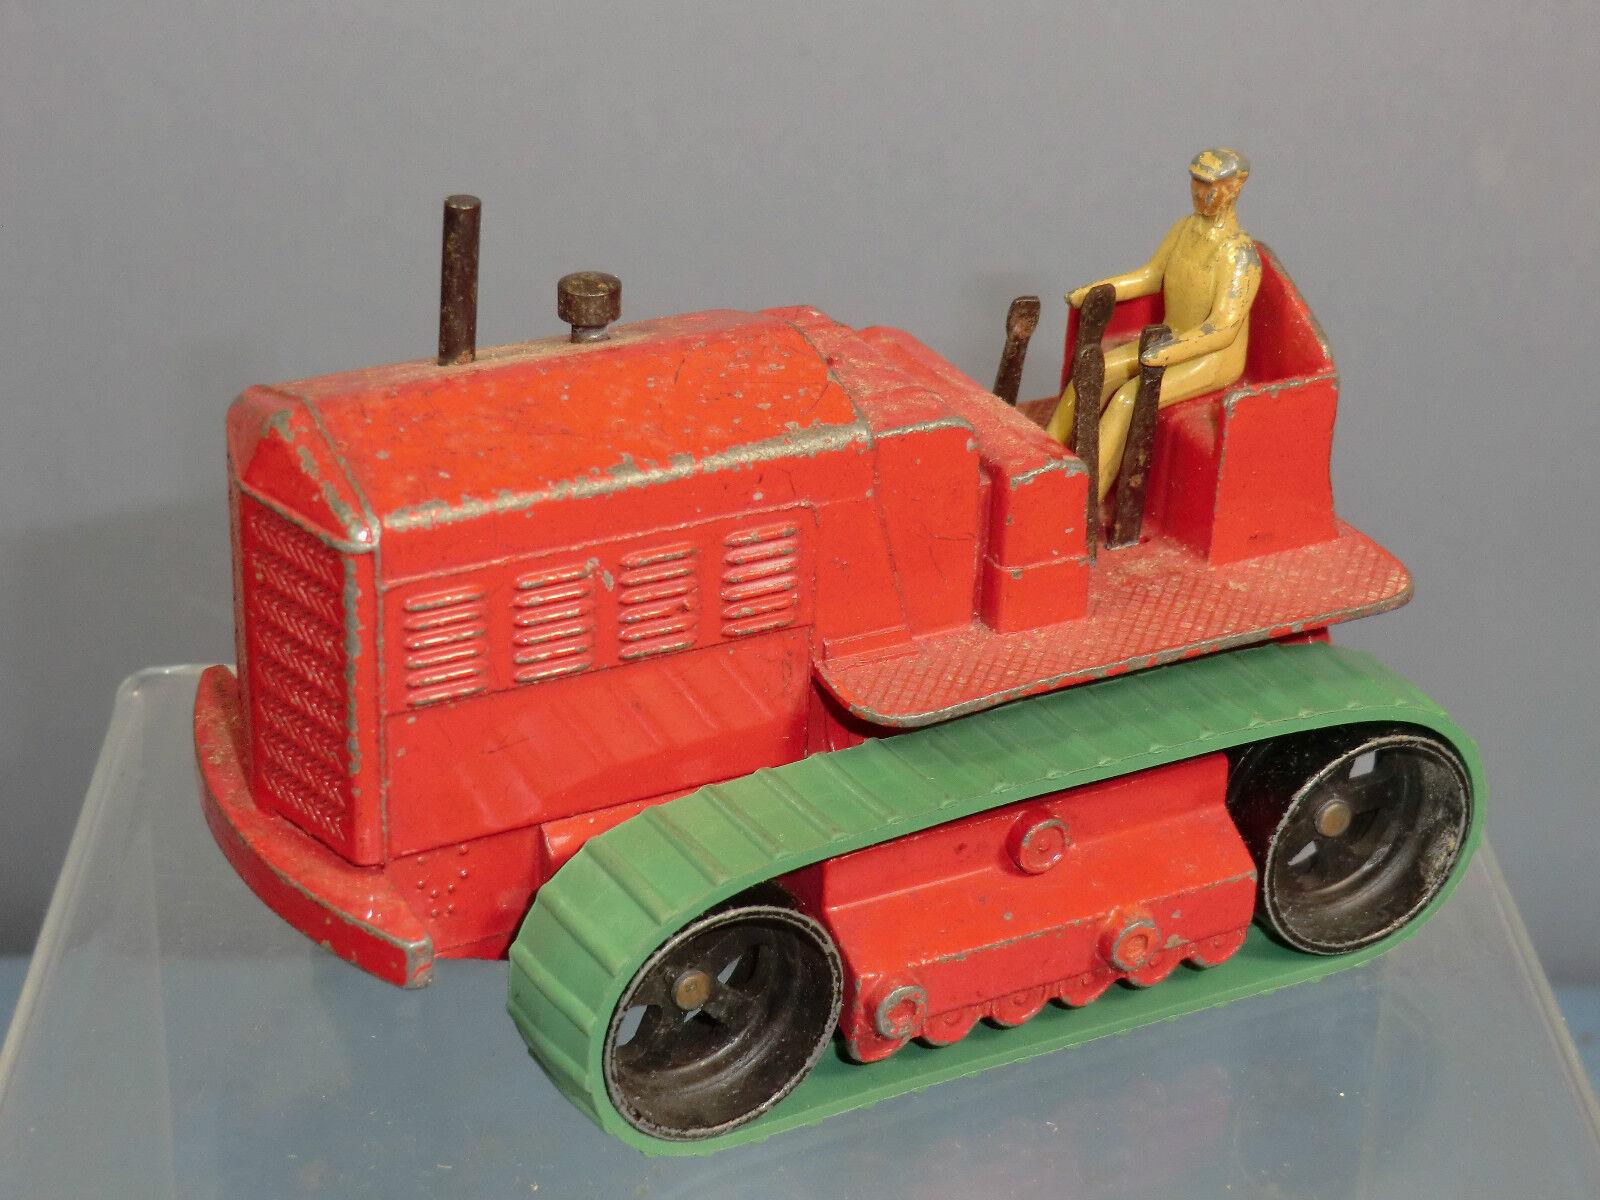 primera vez respuesta Dinky súperJuguetes Modelo Modelo Modelo No.563 963 Blaw Knox pesado tractor (Rojo) versión  ventas en línea de venta